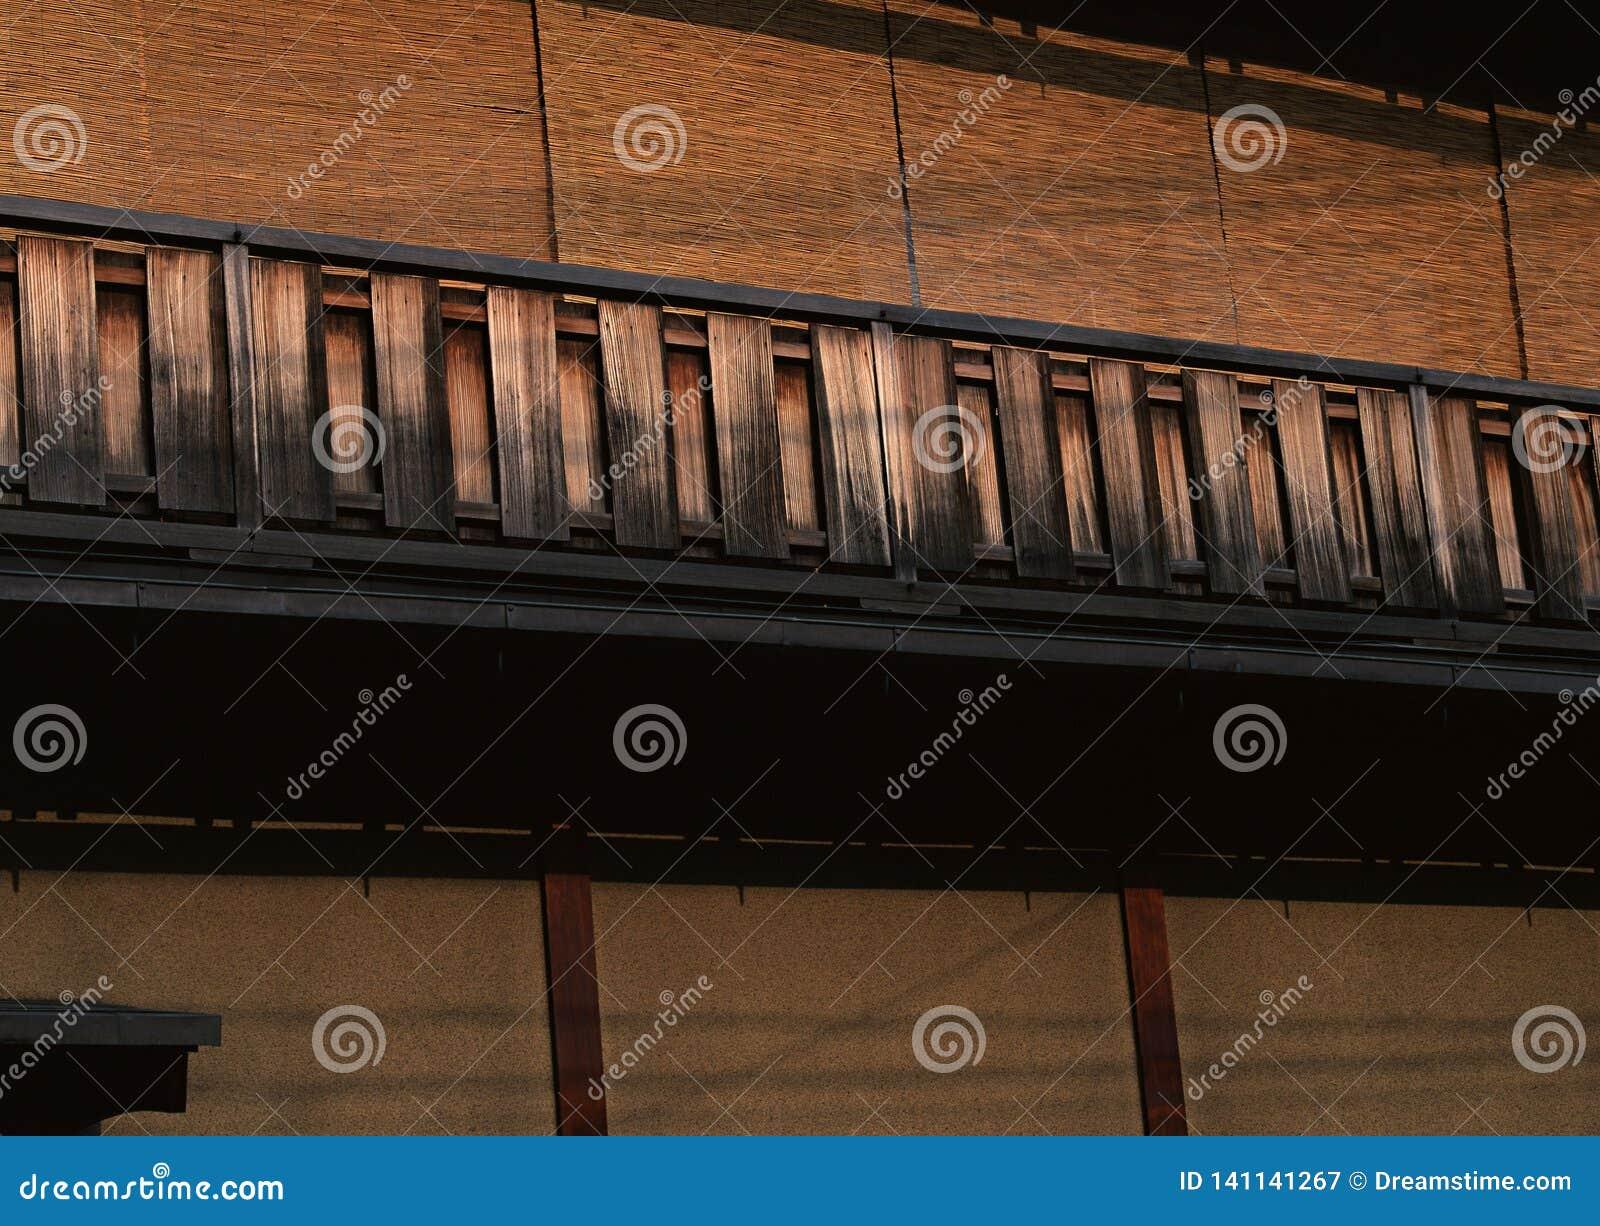 Japanischer alter und traditioneller hölzerner brauner Handlaufhintergrund